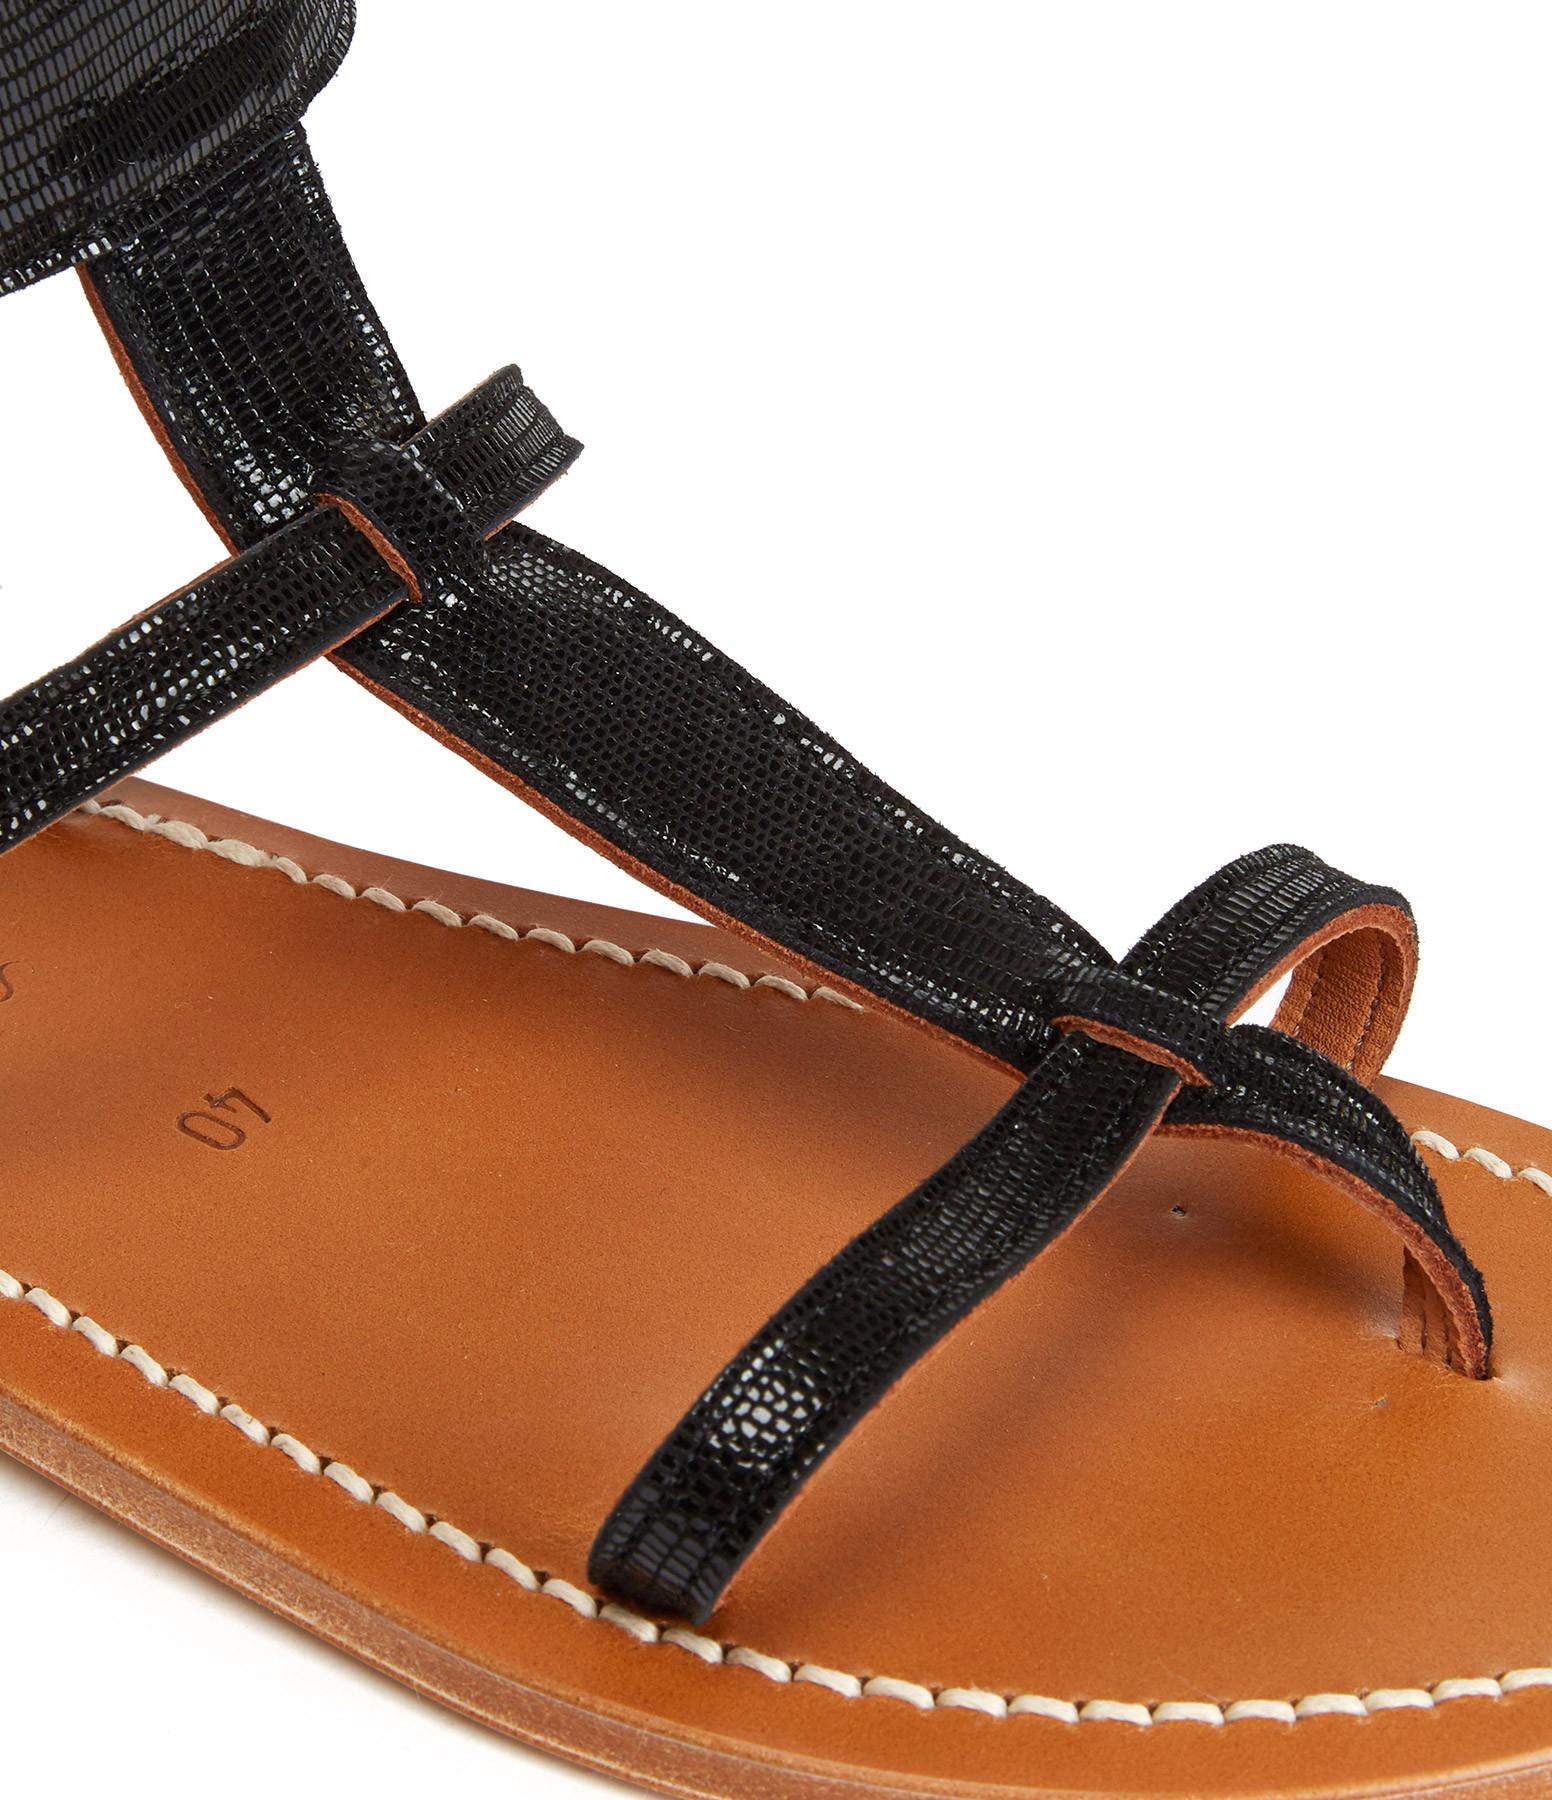 K.JACQUES - Sandales Caravelle Cuir Tejus Noir